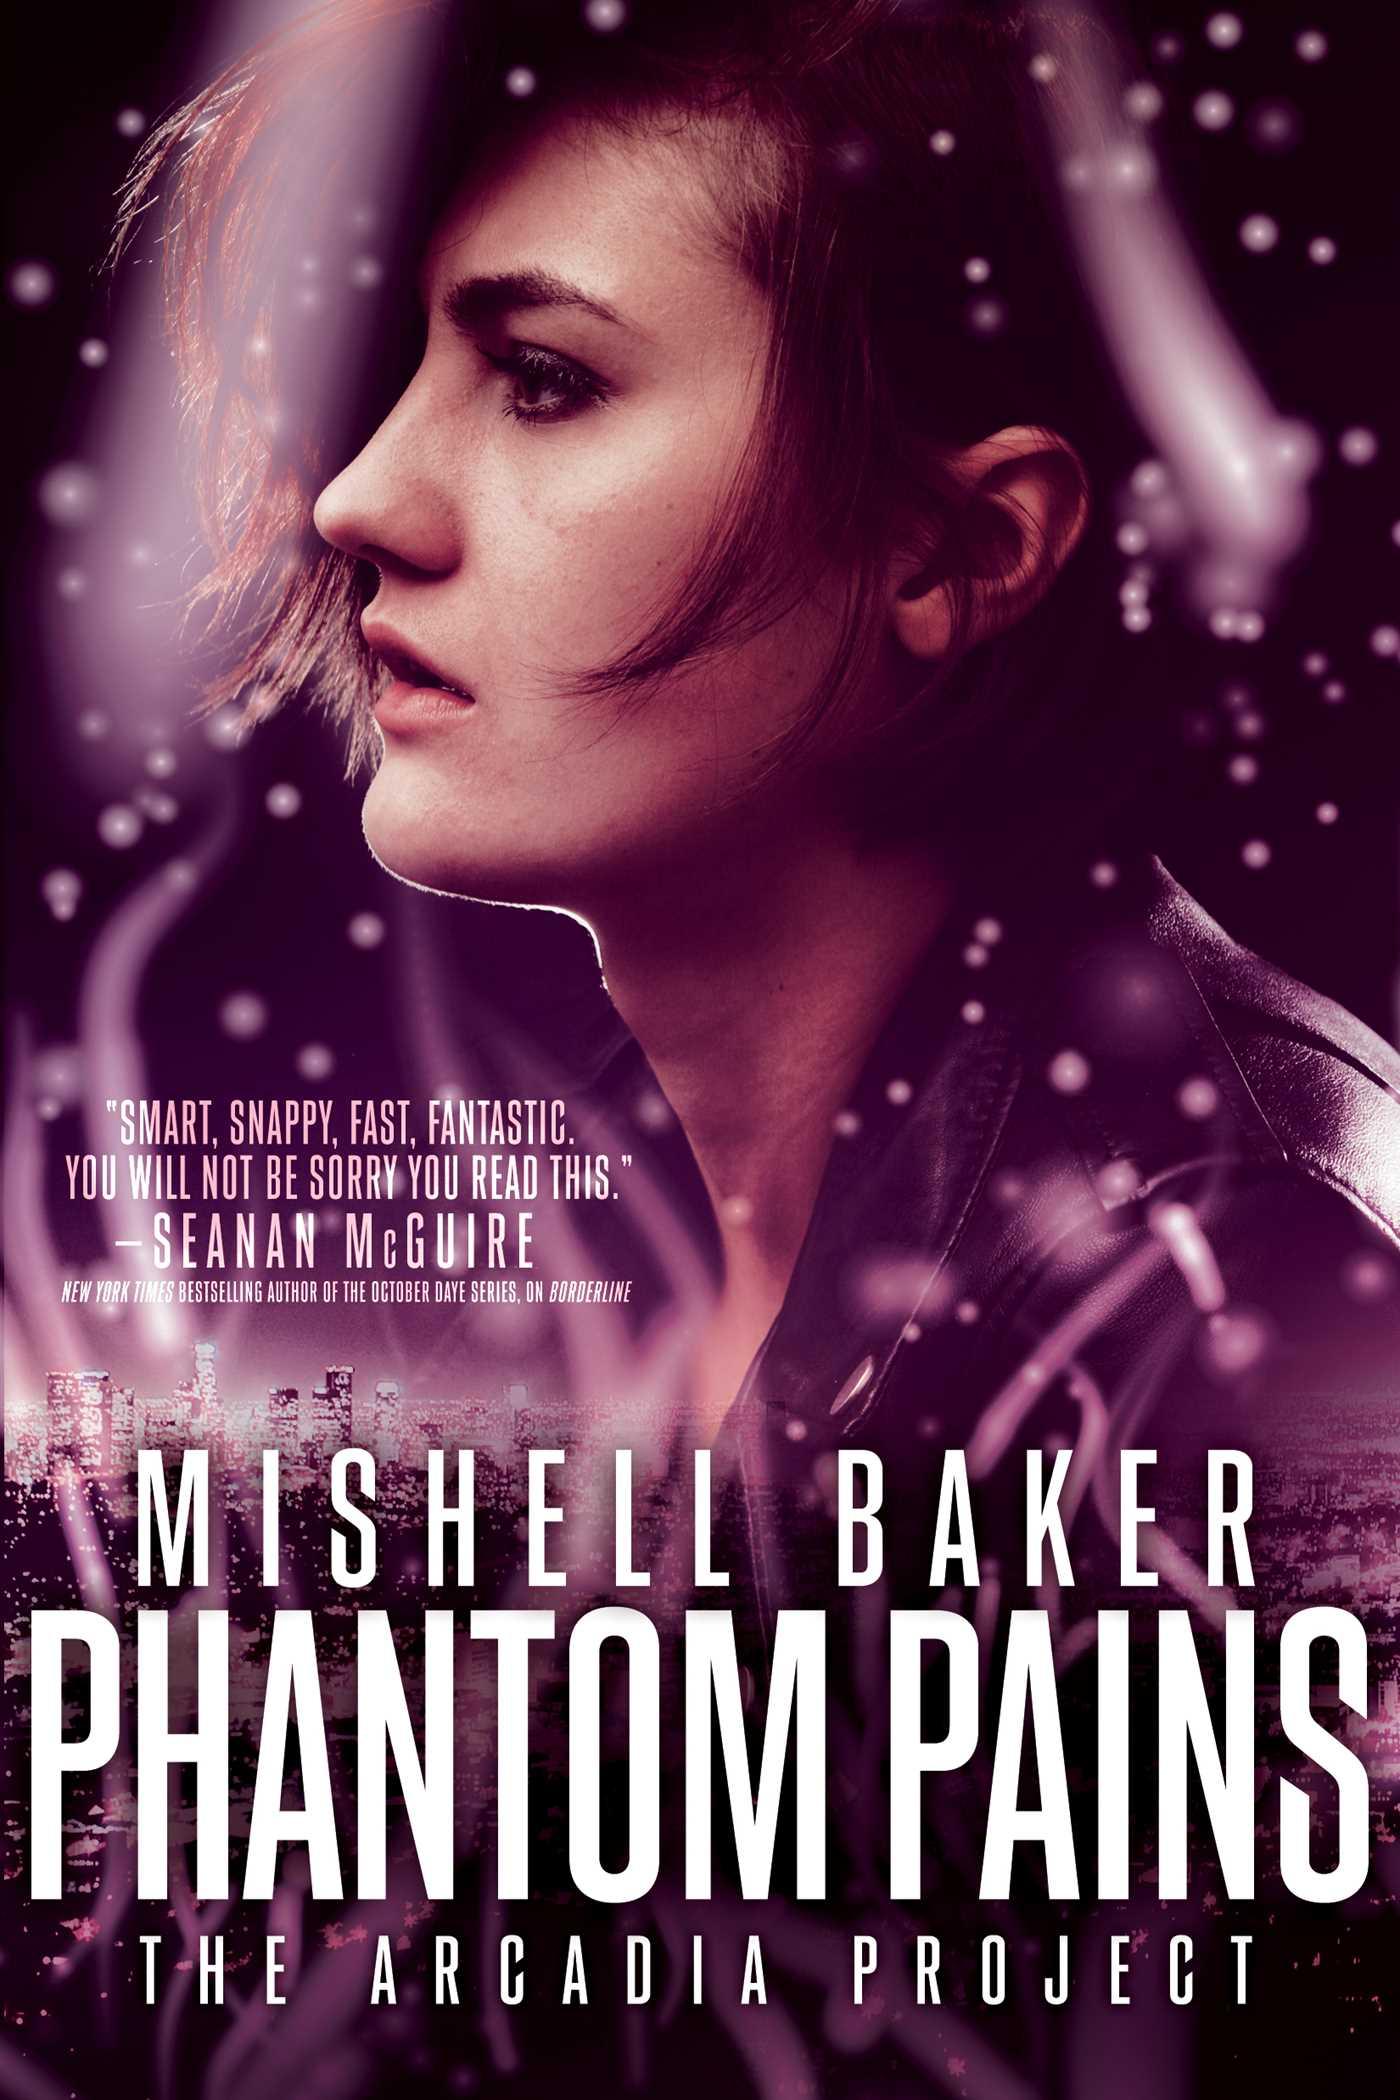 Phantom pains 9781481451925 hr